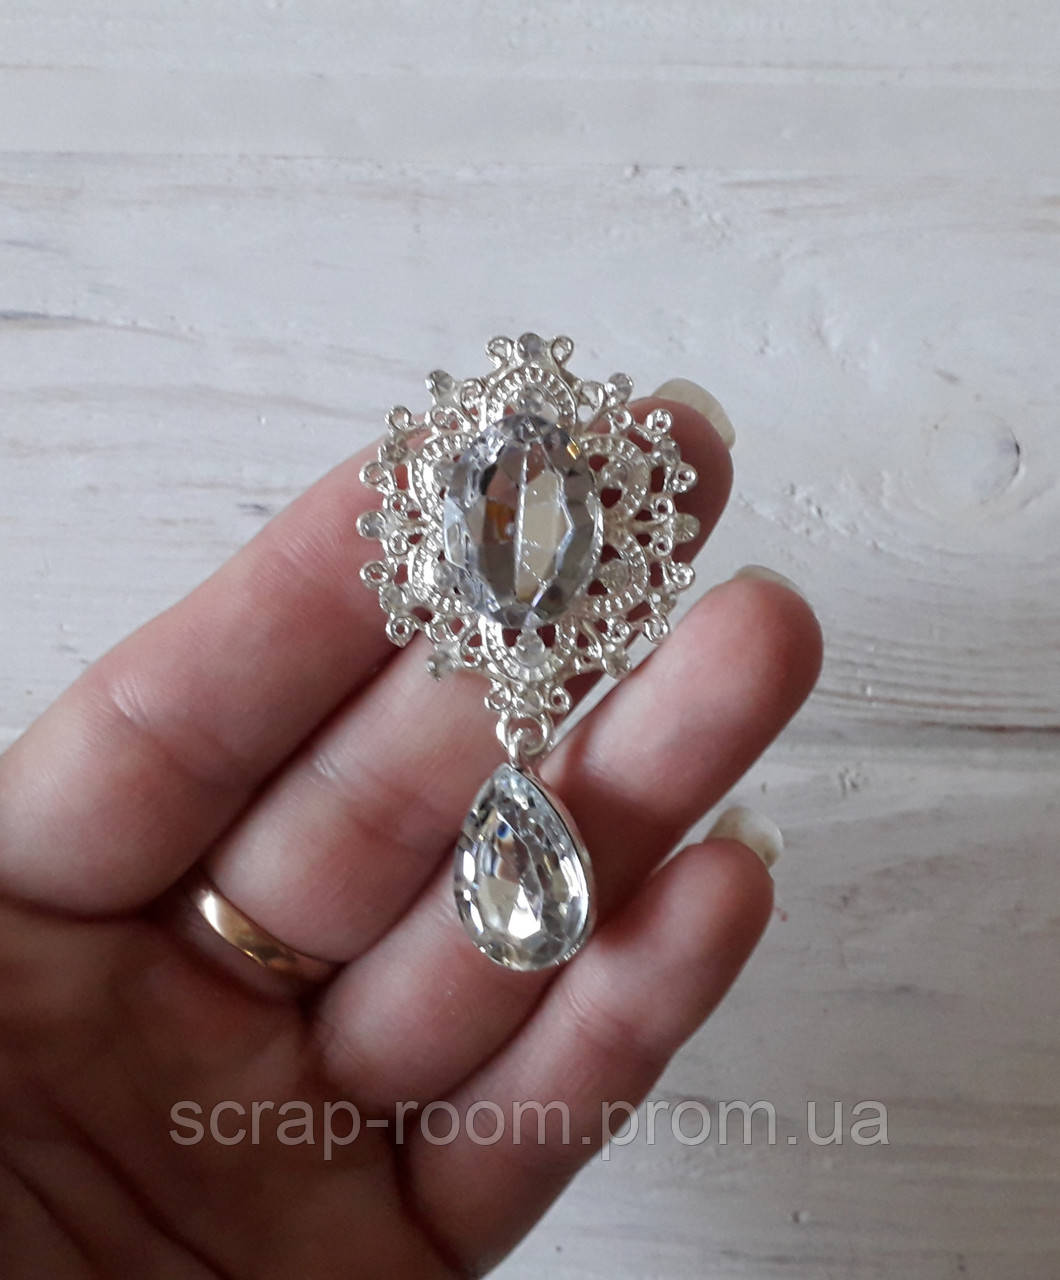 Брошь со стразами, брошь серебро с камнем, брошь с подвеской, брошь свадебная, размер 29*57 мм, цена за шт